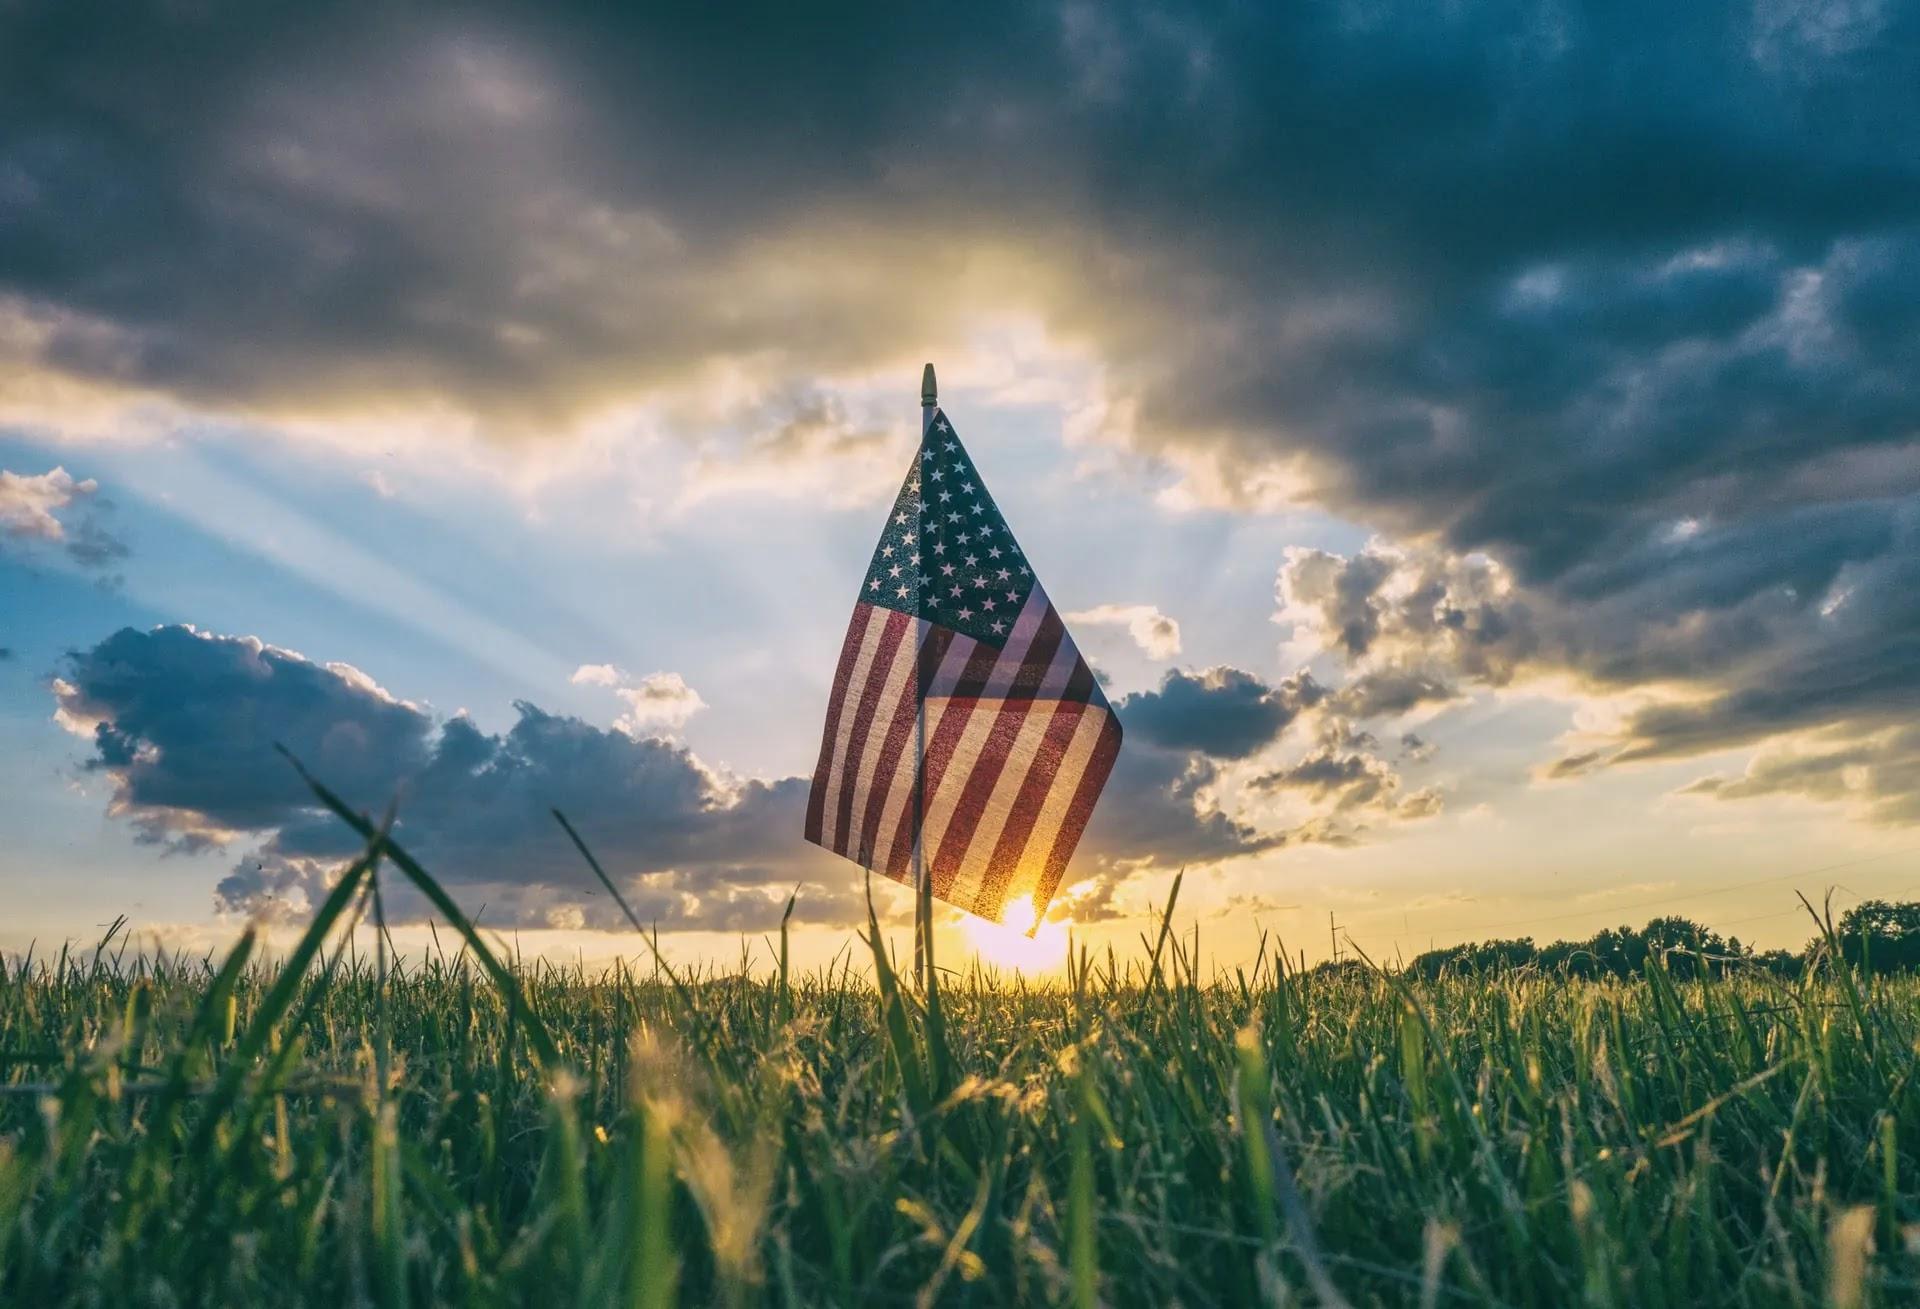 aprende ingles ejercito bandera america estados unidos clavada en prado puesta de sol